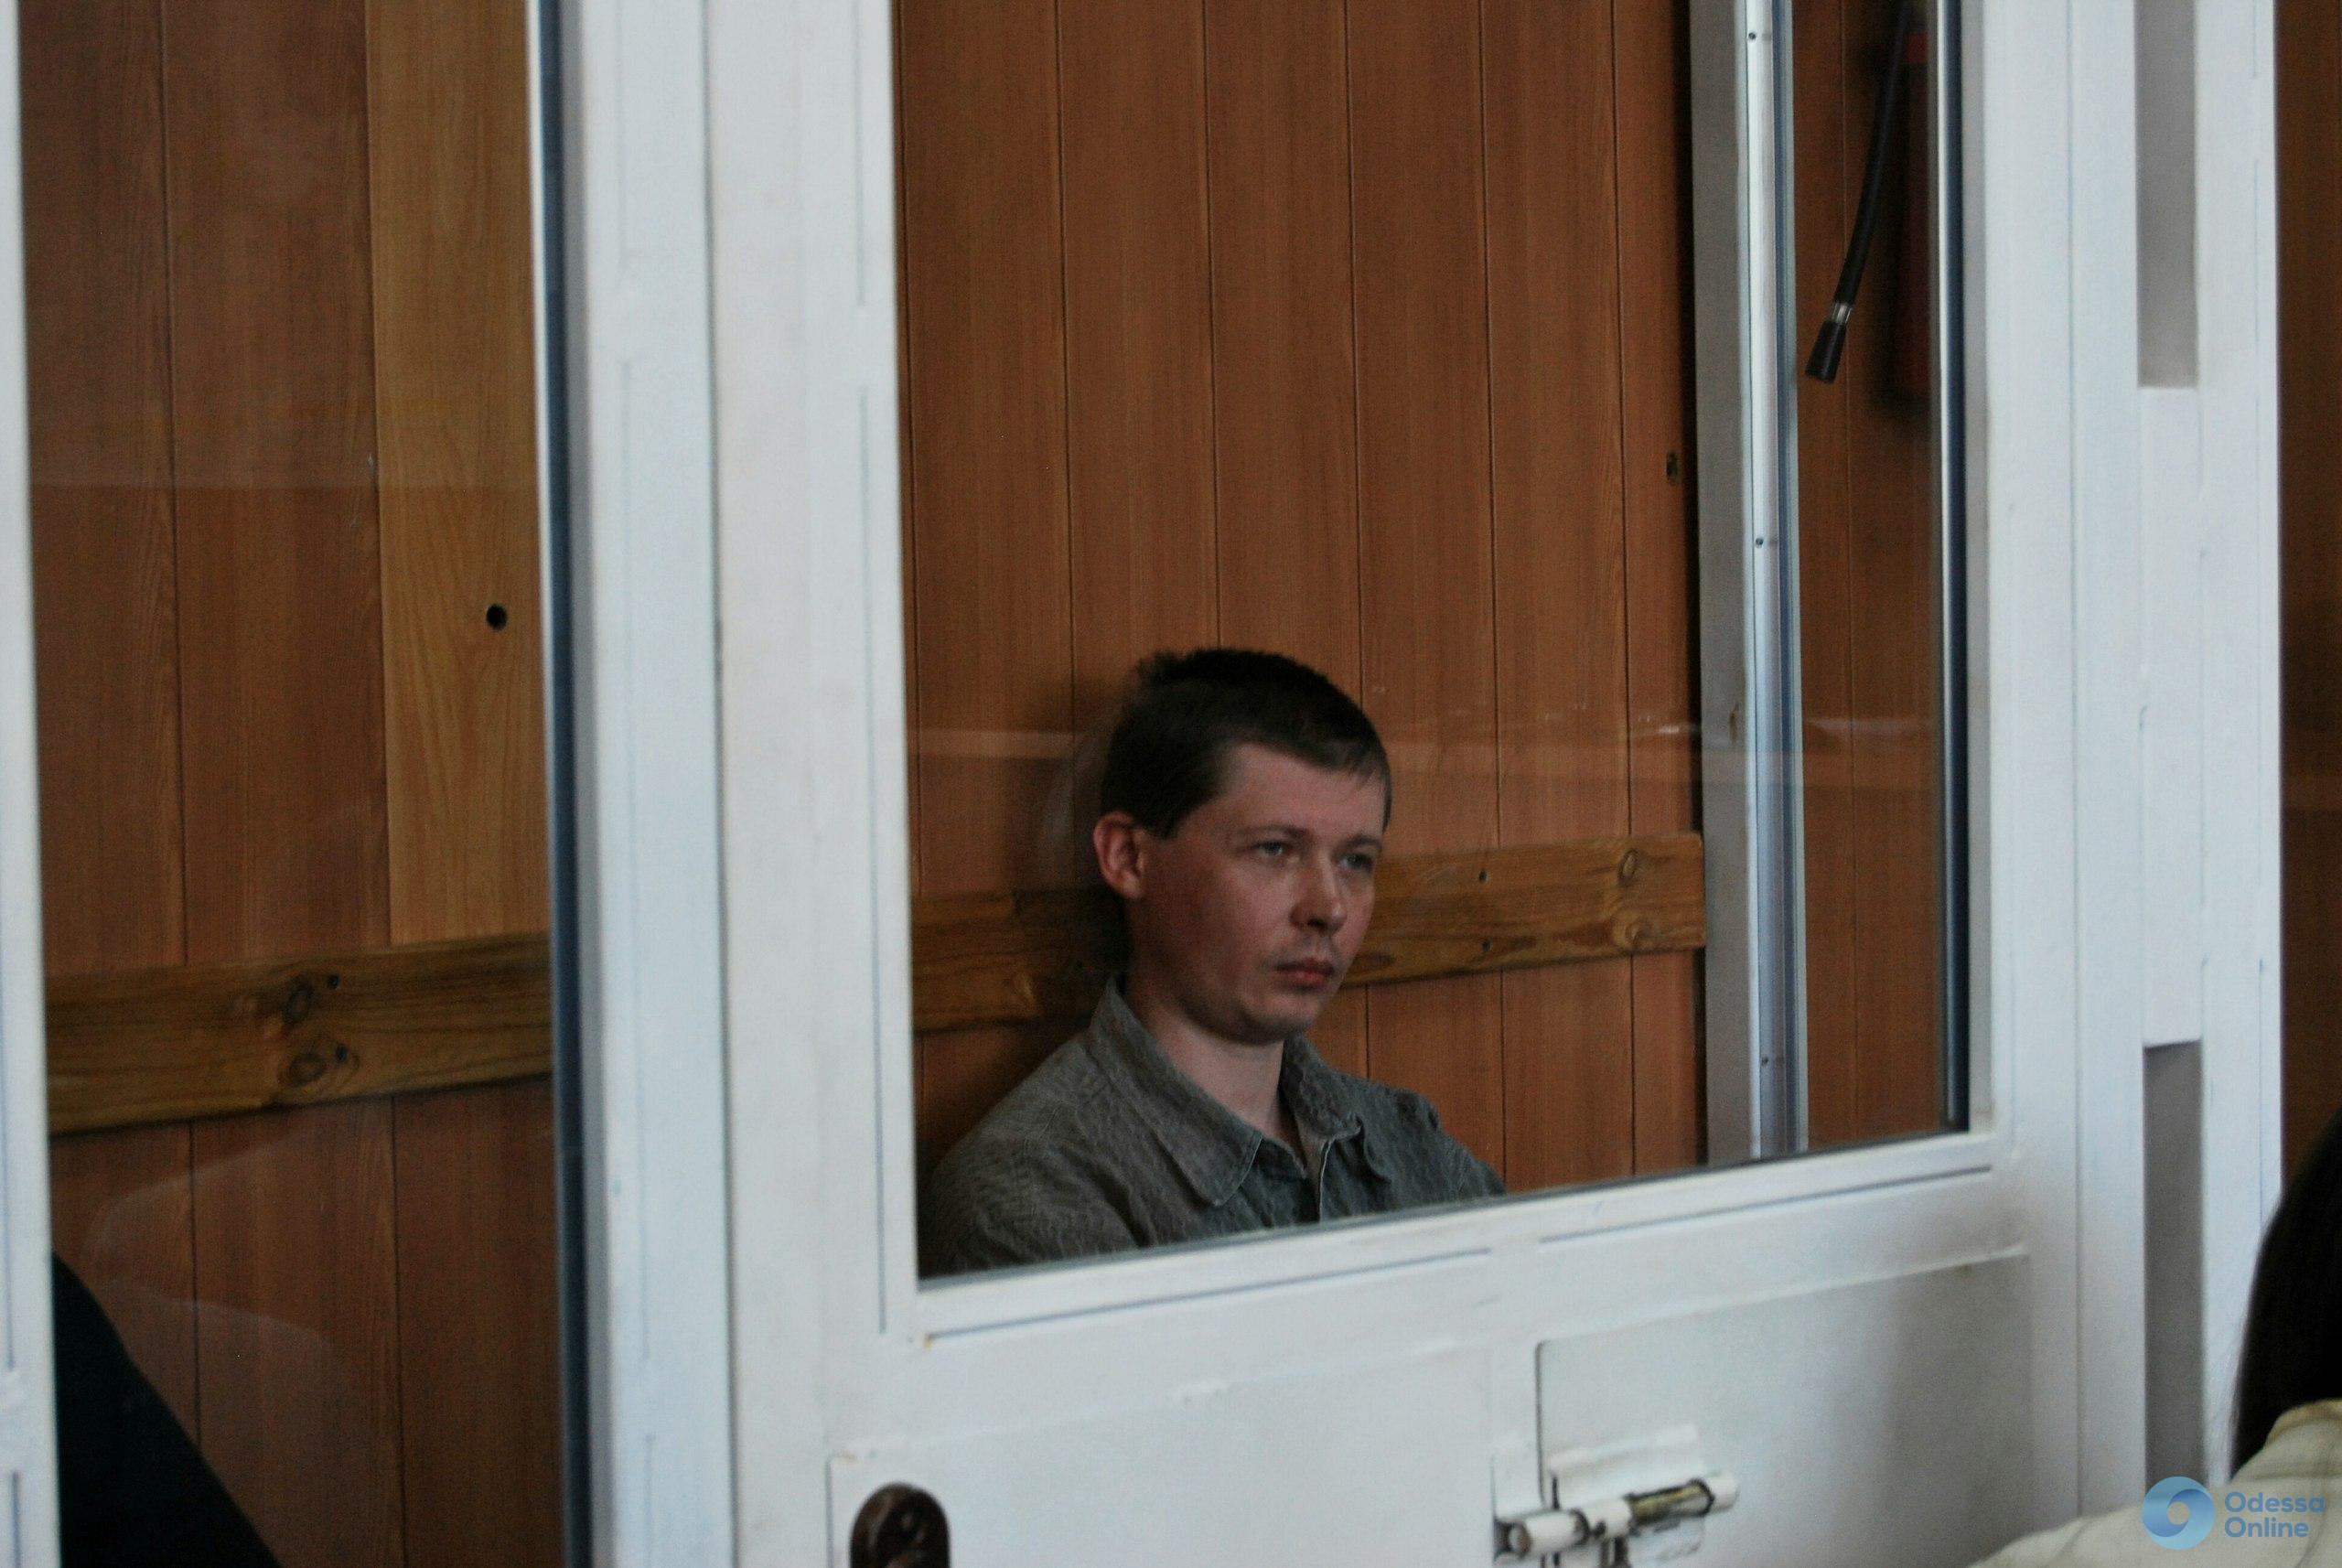 Дело 2 мая: обвинительный акт в отношении Евгения Мефедова направлен суд